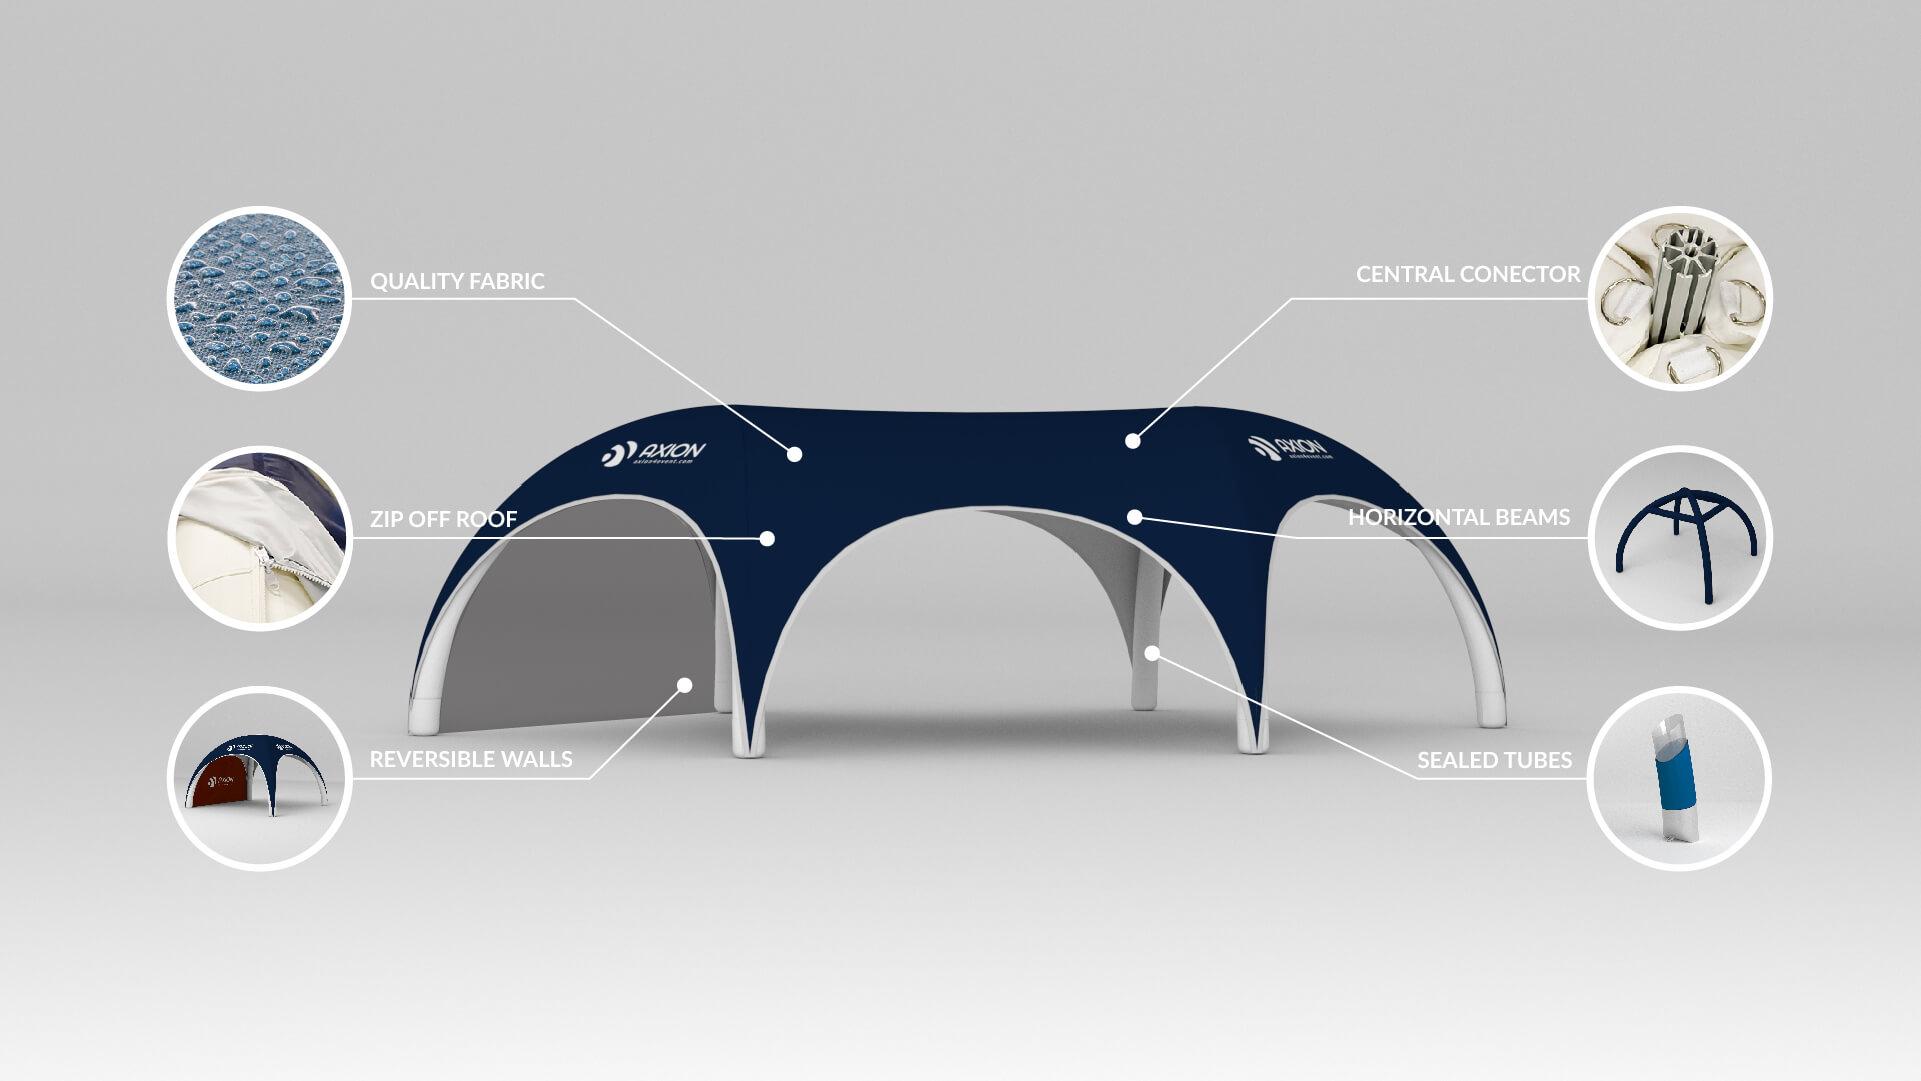 axion-hexa-tent_main-feature